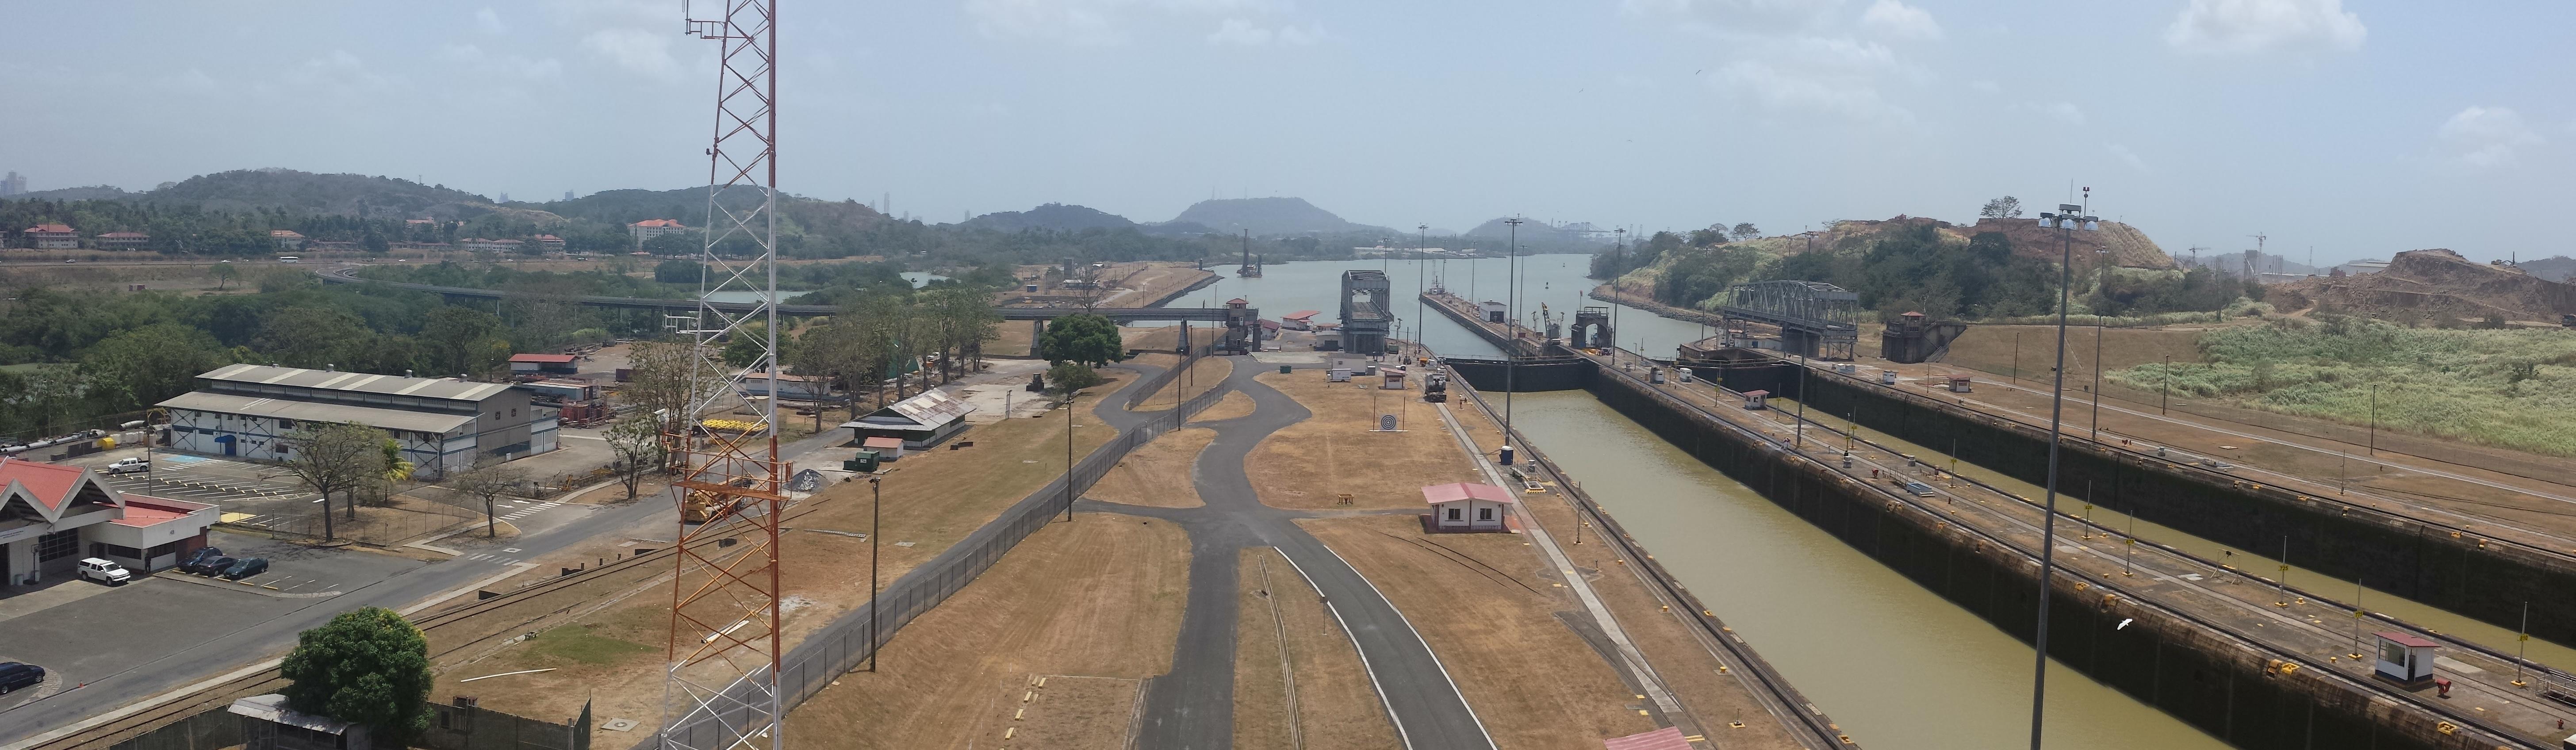 Panorama of the Miraflores Locks